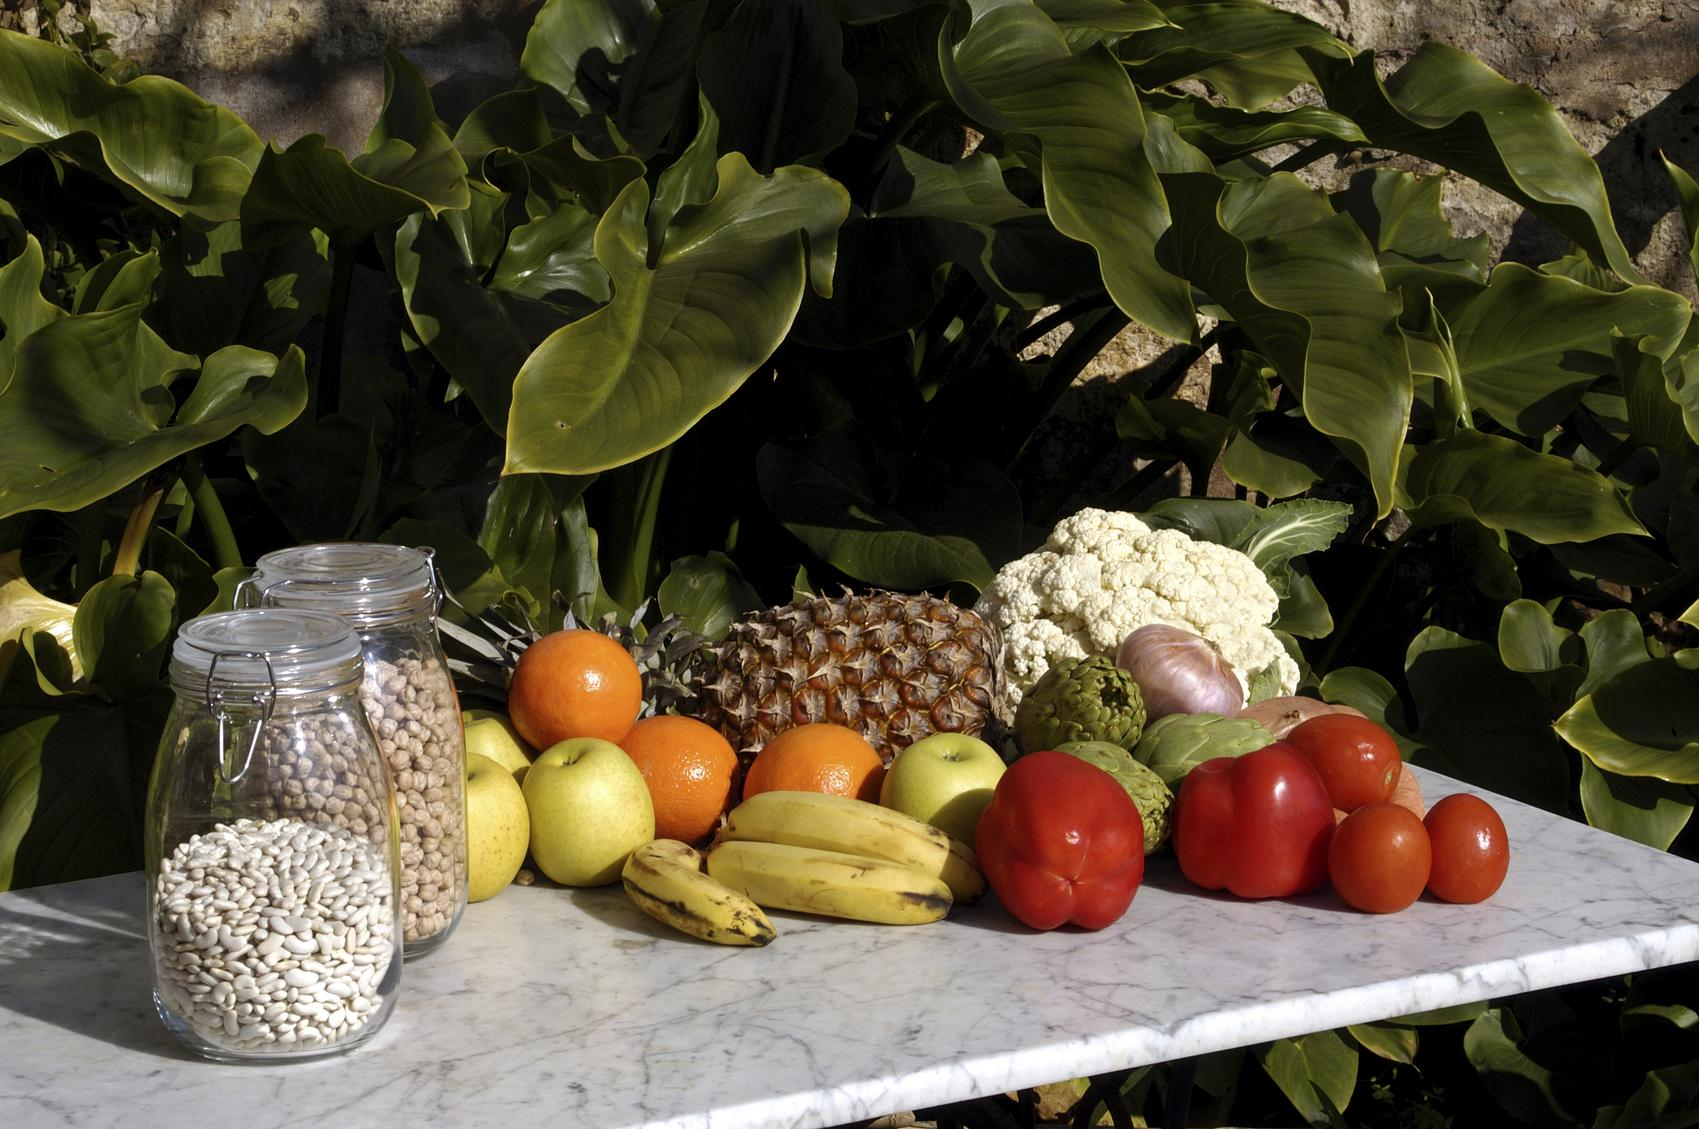 Legumbres, hortalizas y frutas sobre una mesa blanca